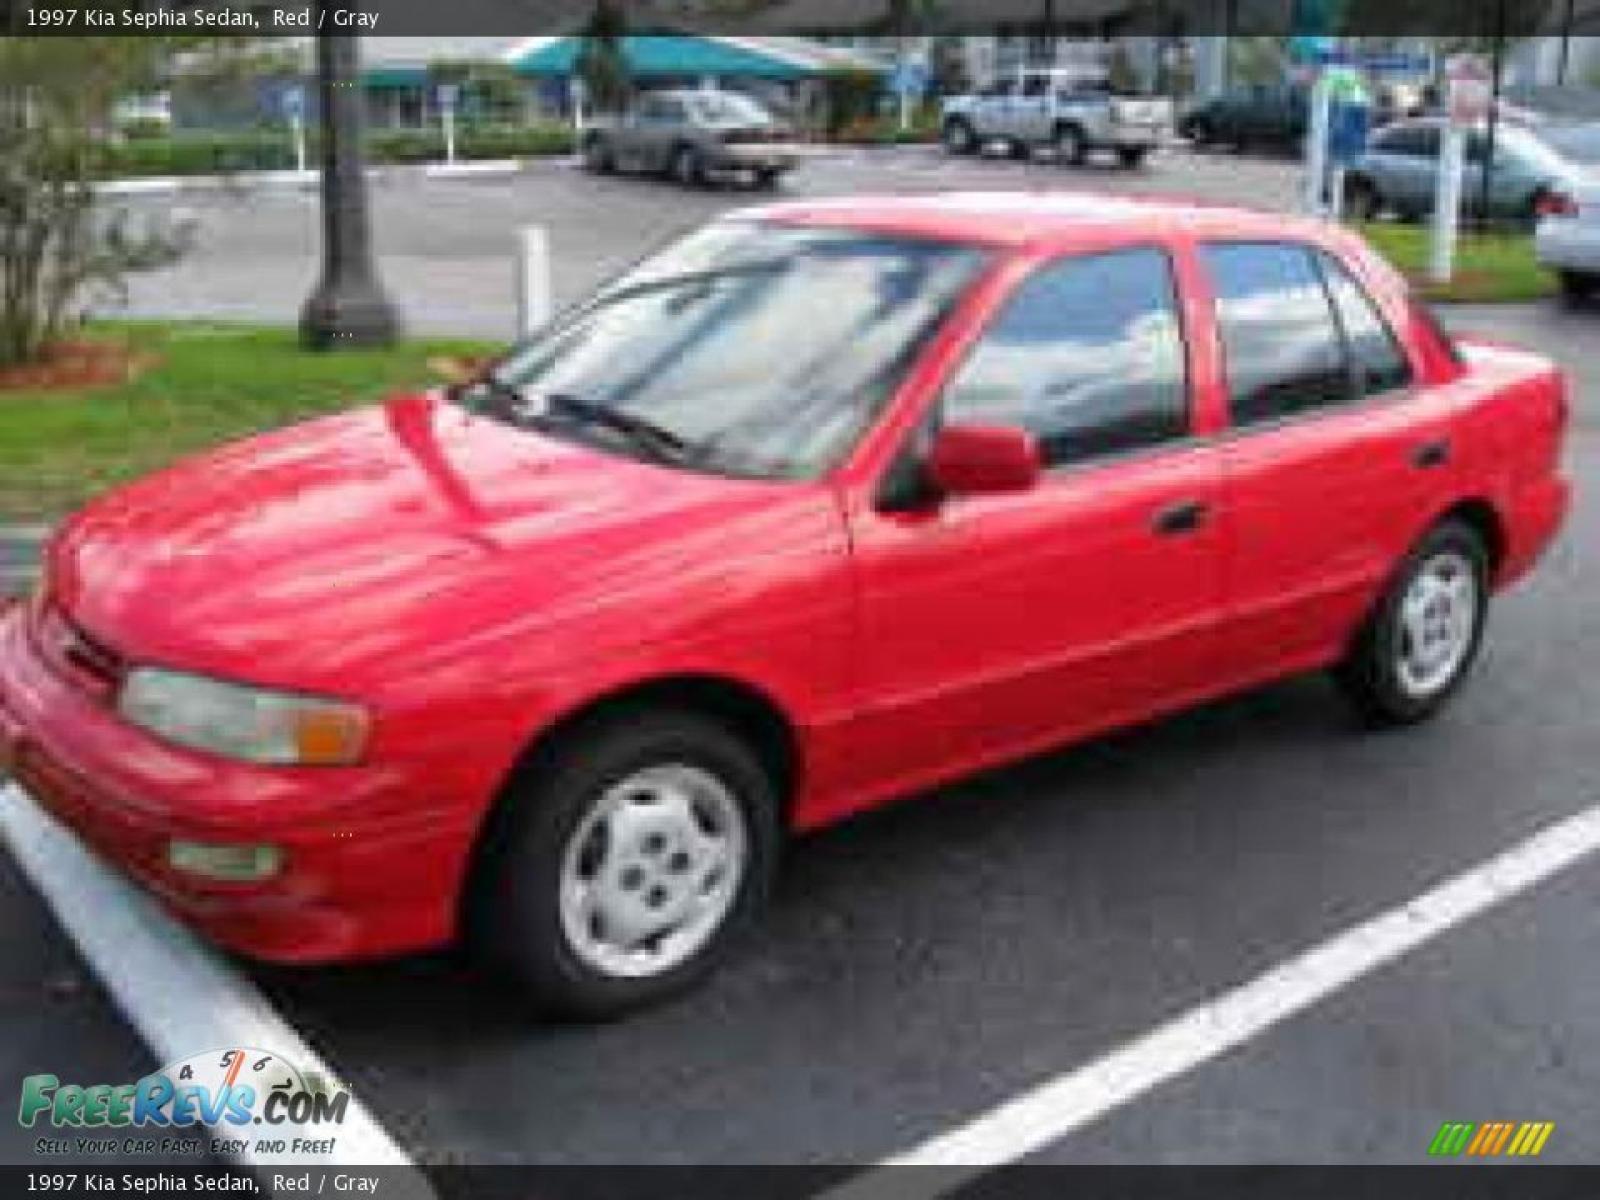 800 1024 1280 1600 origin 1997 Kia Sephia ...